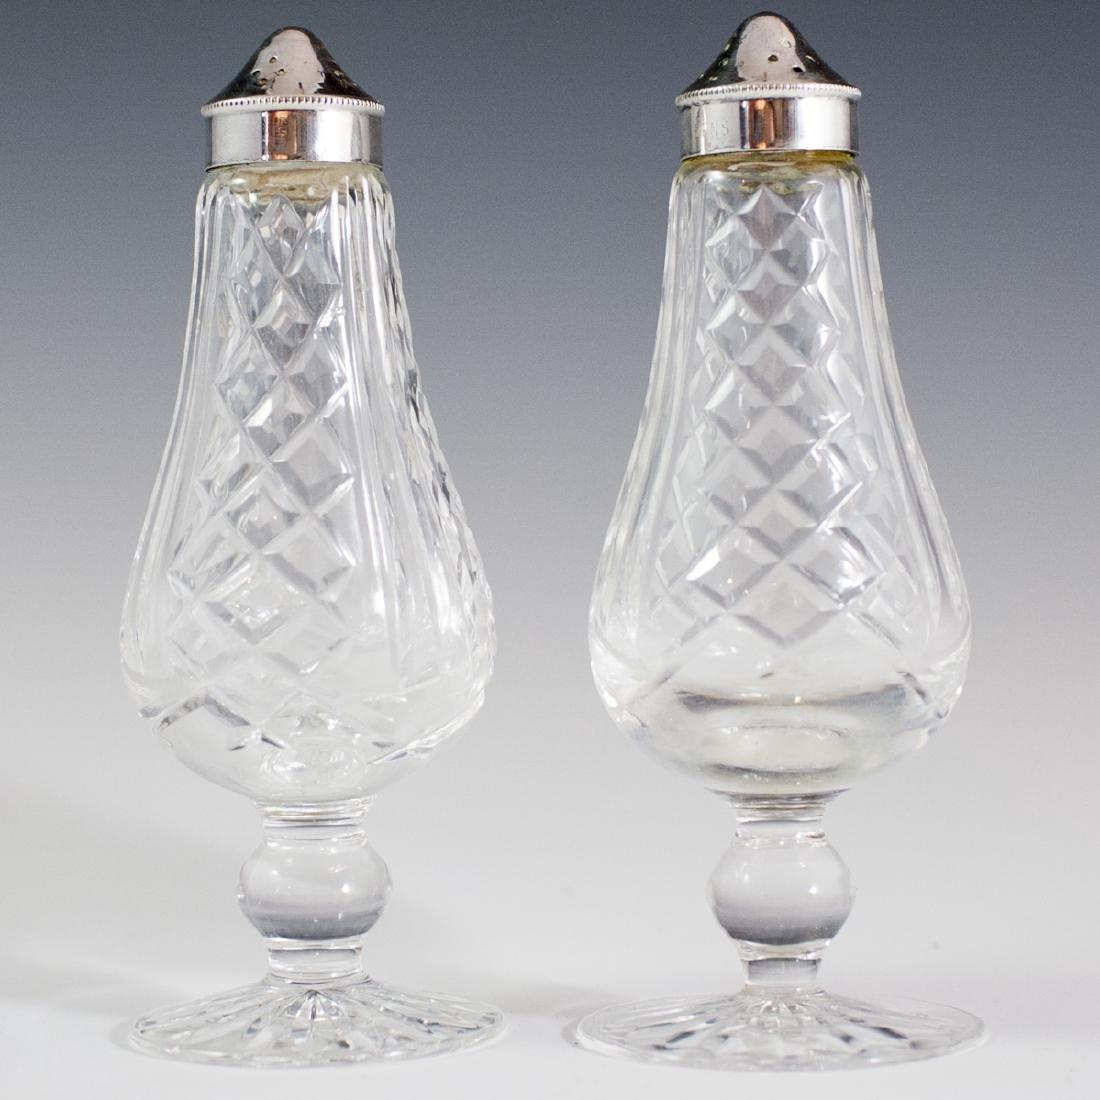 Waterford Crystal Salt & Pepper Shakers